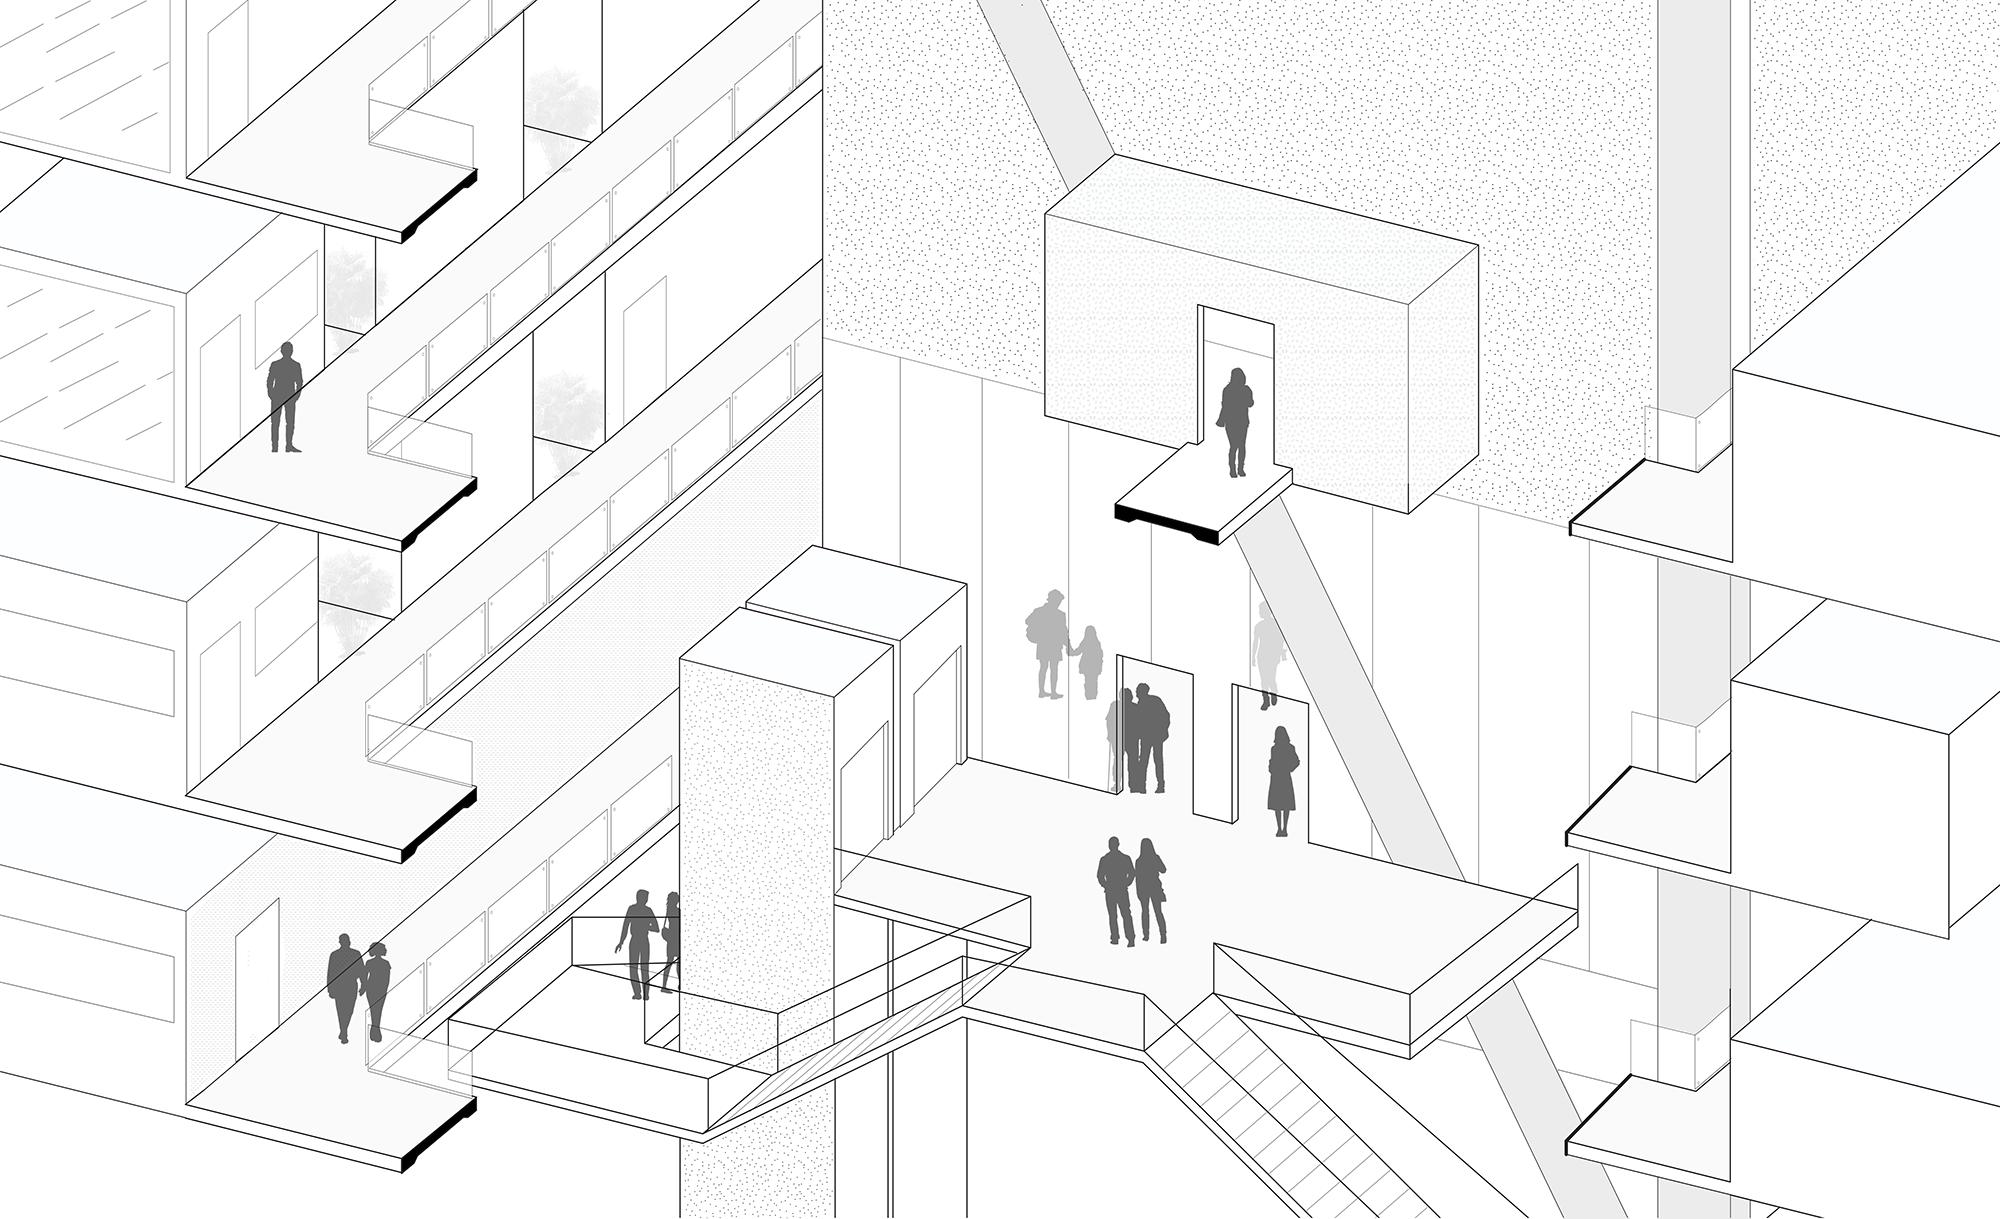 Detail Axon Drawing of Black Box Theatre   Jonathan Malott